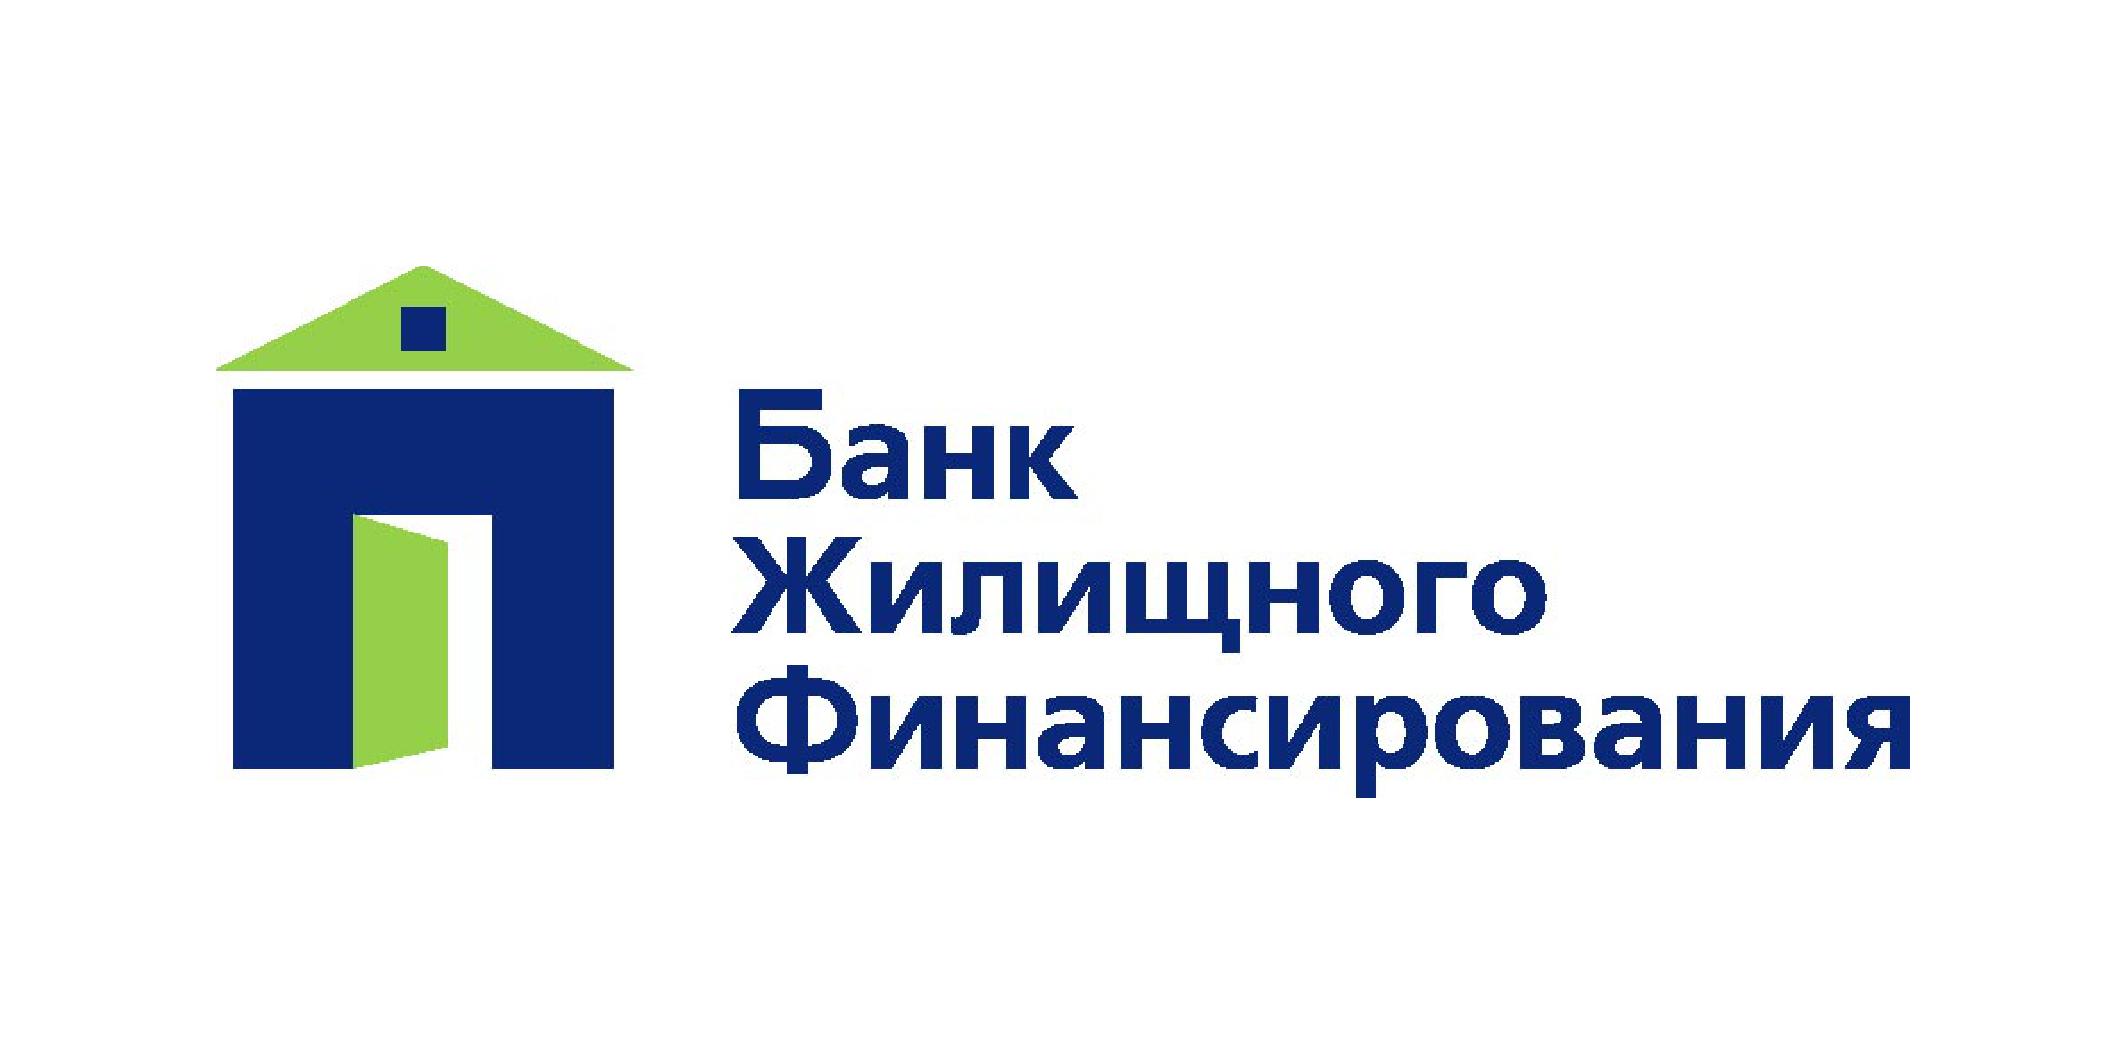 Официальный партнер БЖФ Банк жилищного финансирования